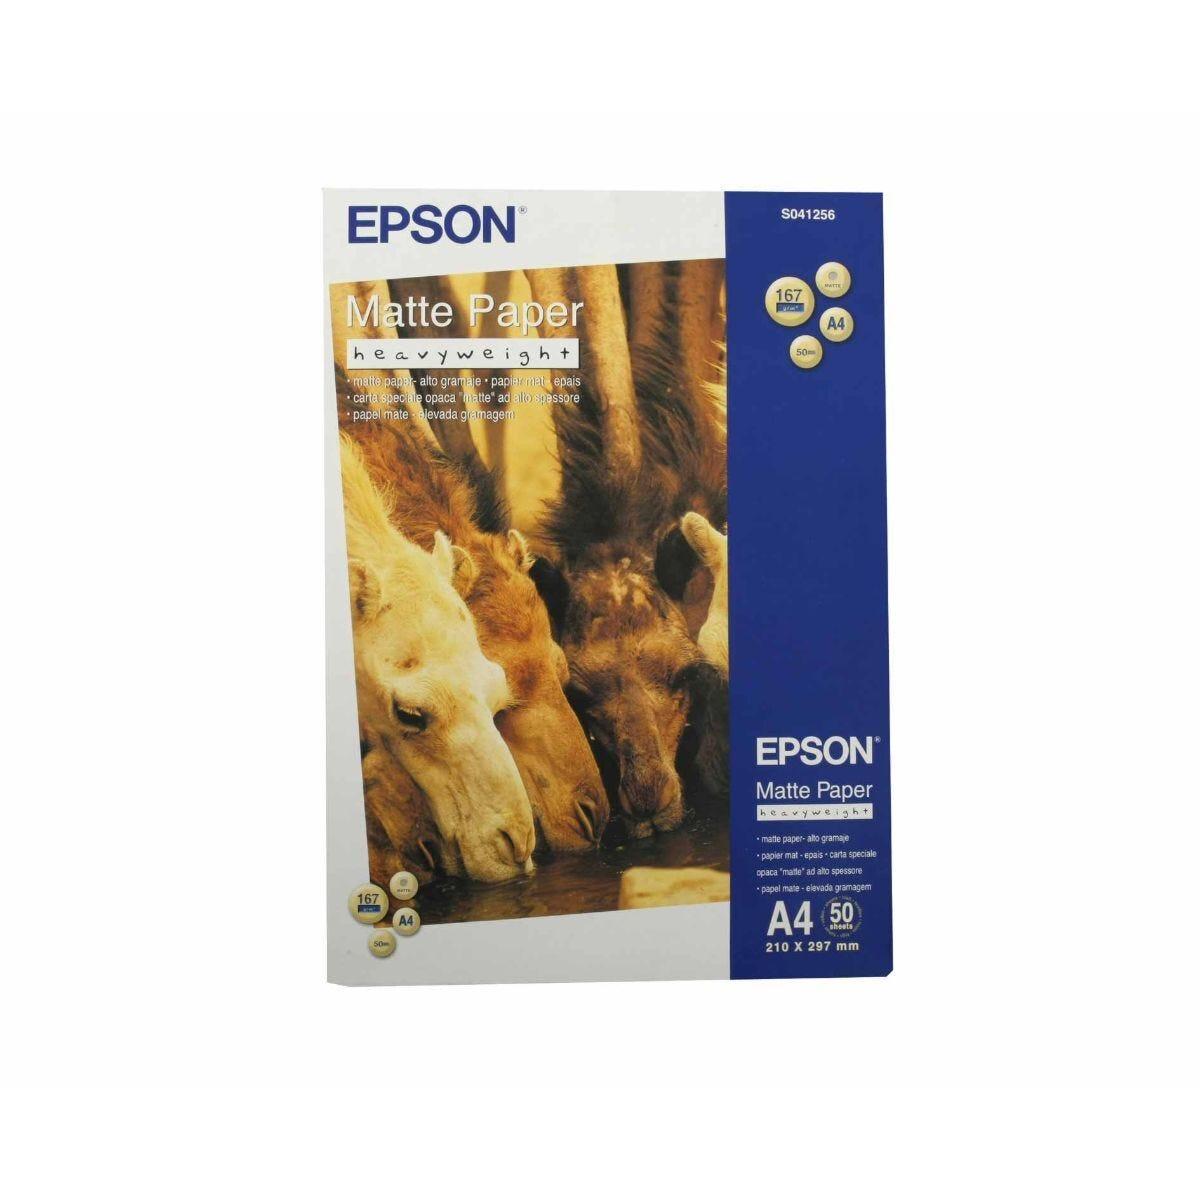 Epson Photo Inkjet Paper A4 Matt 167gsm Heavyweight 50 Sheets